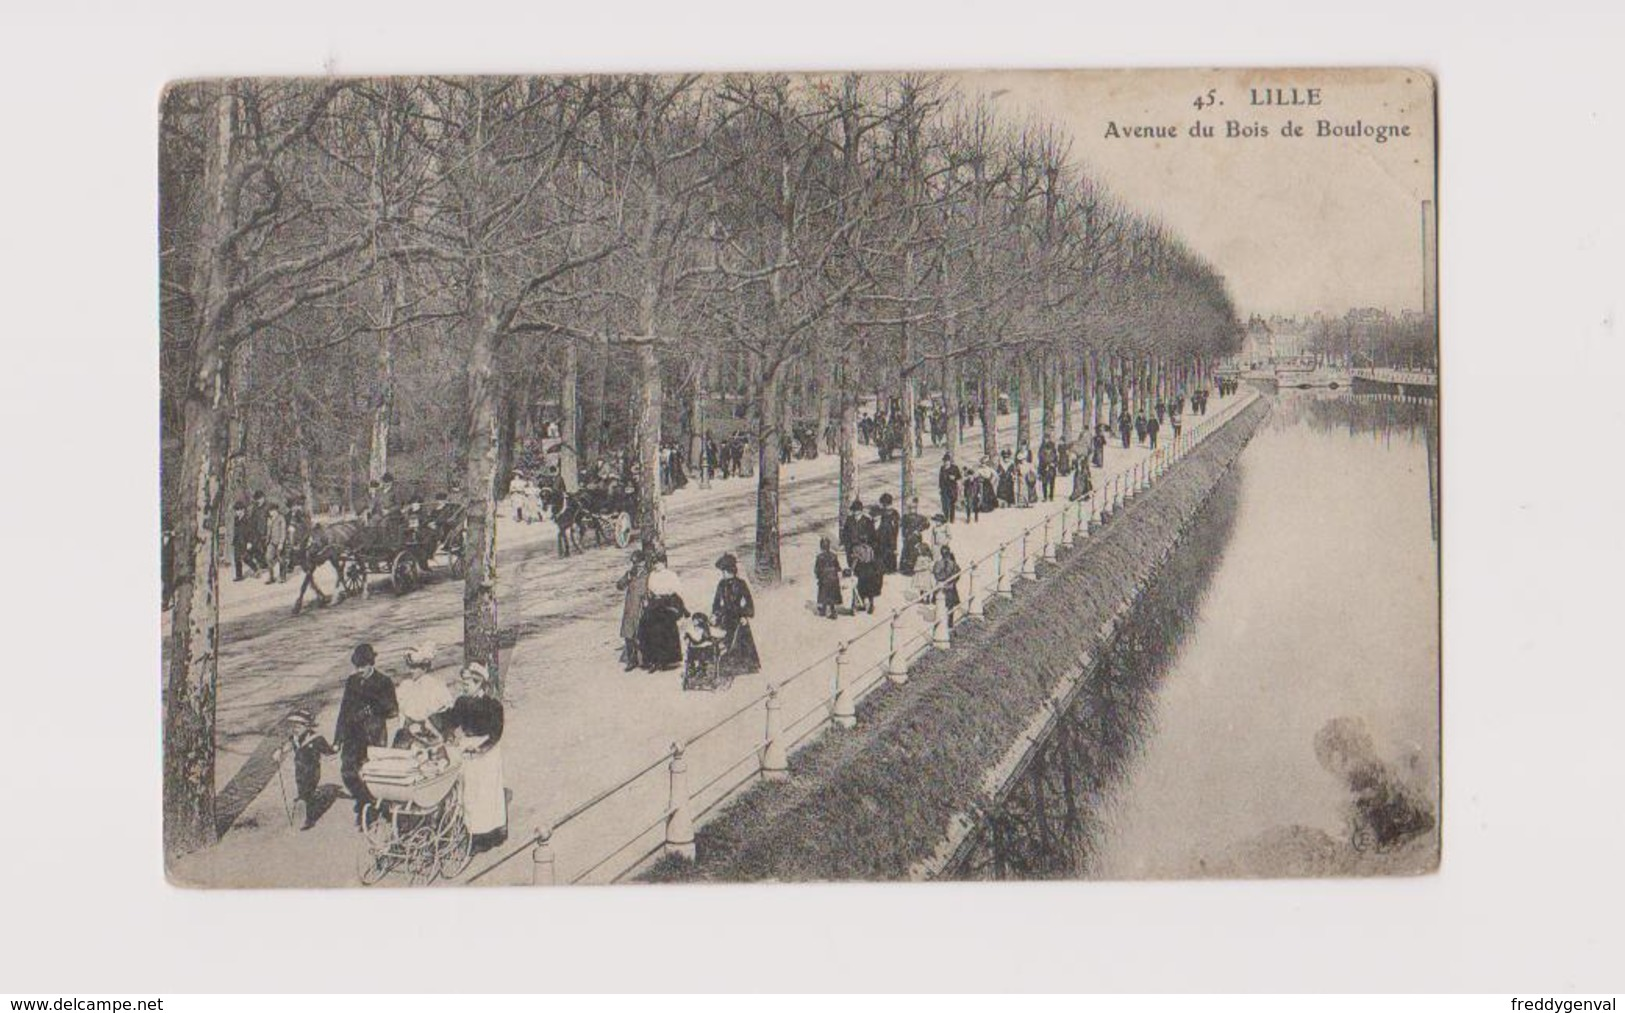 LILLE AVENUE DU BOIS DE BOULOGNE - Lille